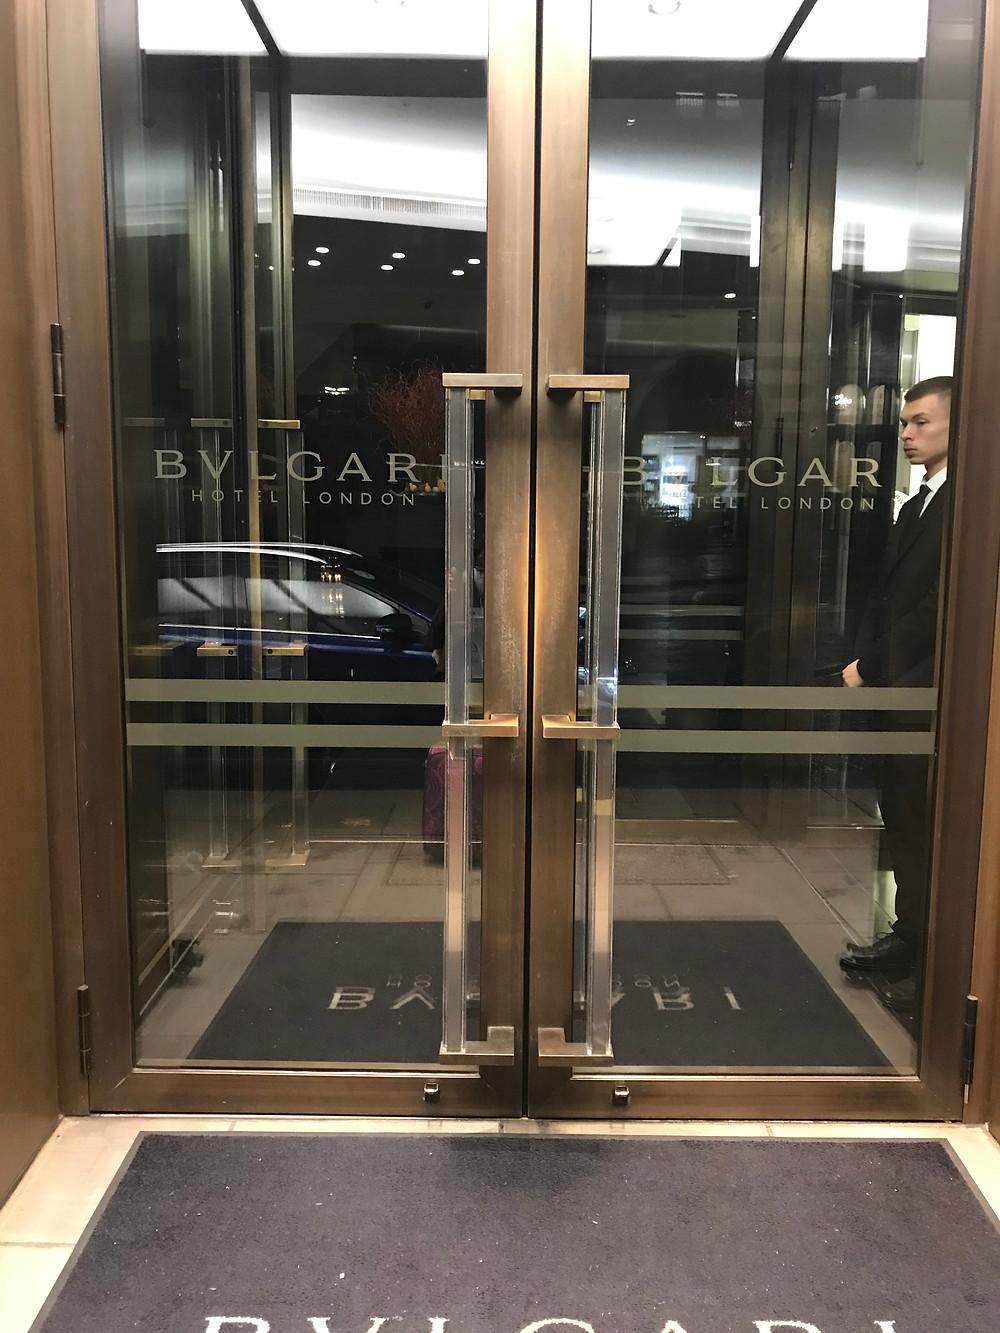 Entrance doors to bulgari bvlgari hotel in knightsbridge london